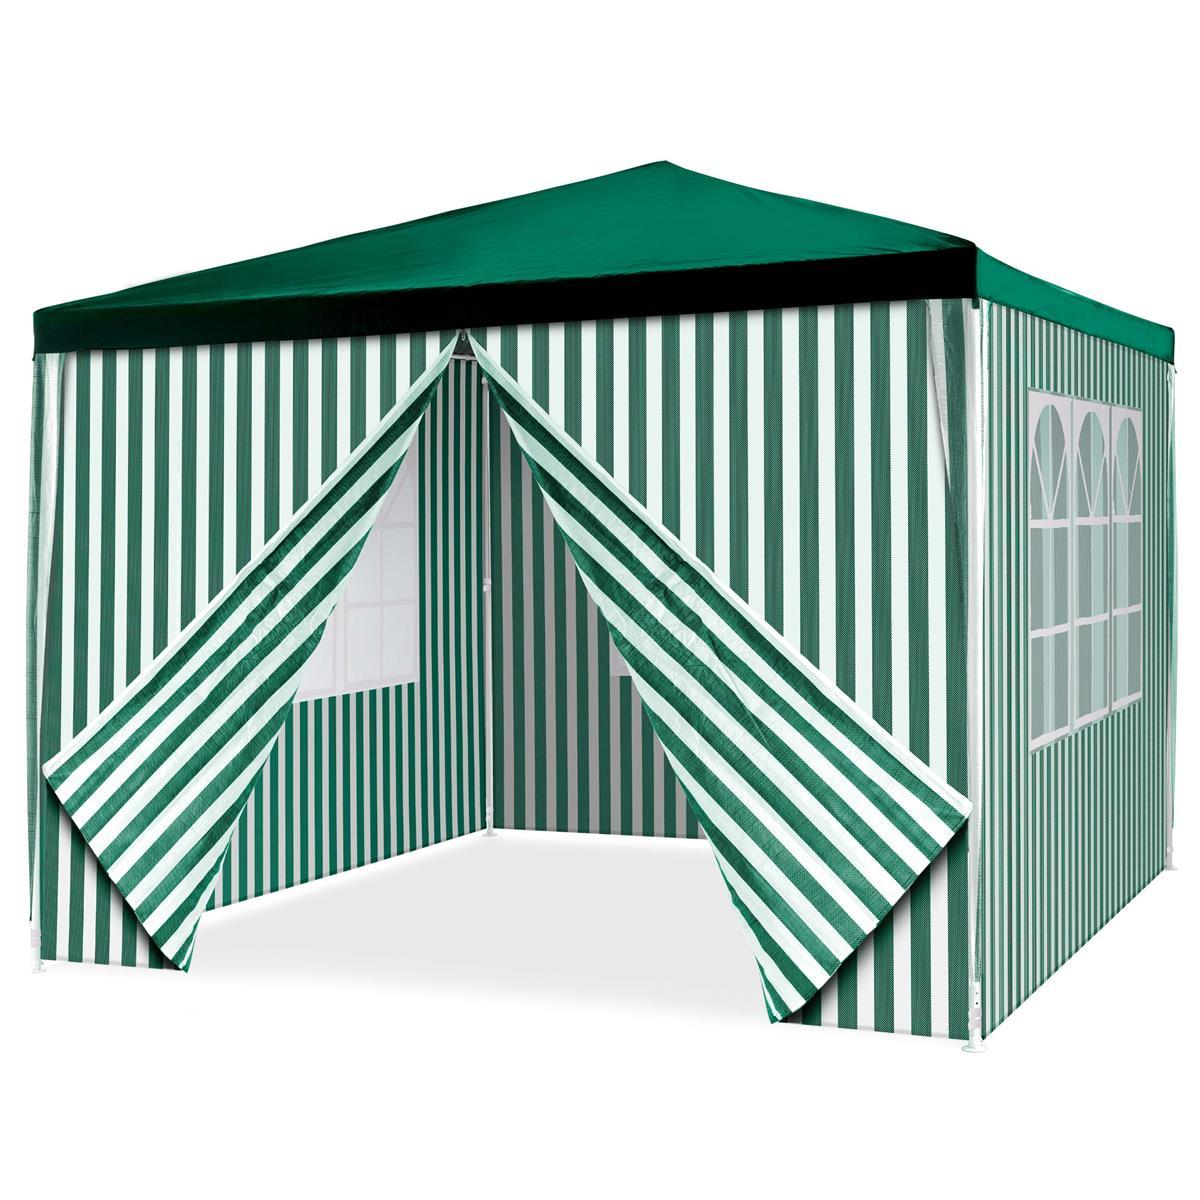 Pavillon Partyzelt 3x3m grün weiß wasserdicht 4 Seitenteile Gartenzelt Eventzelt